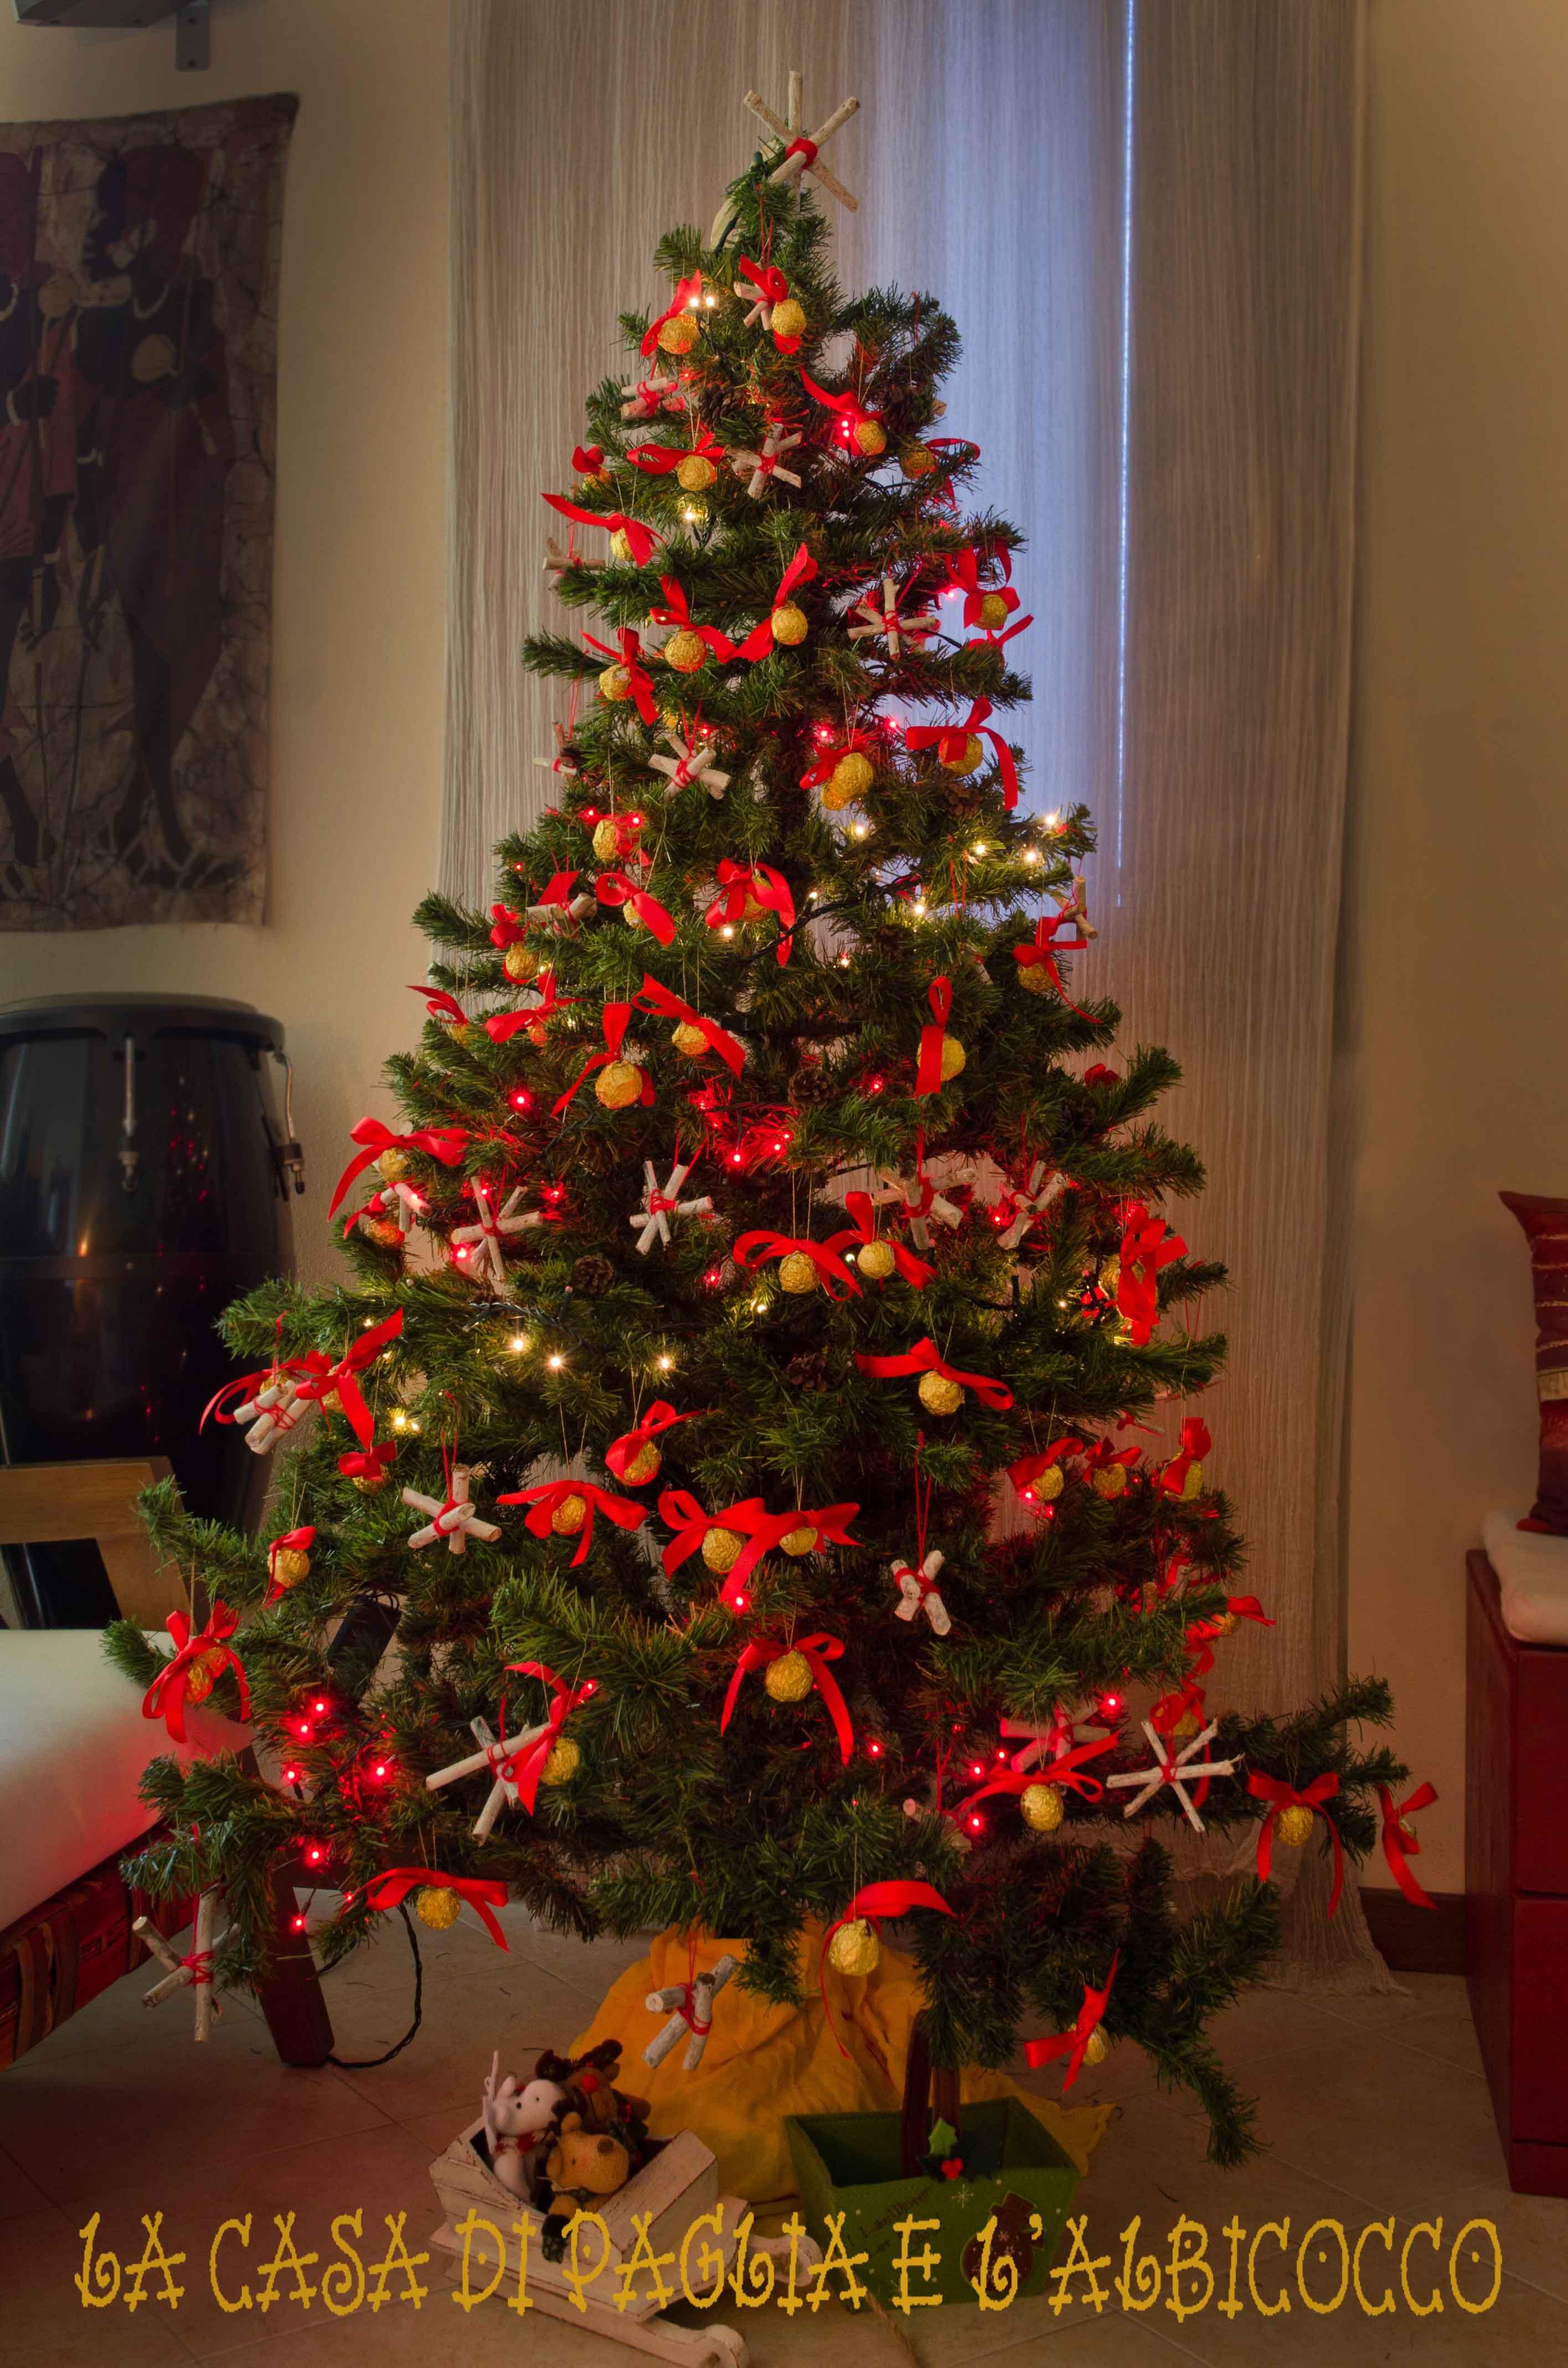 Immagini Addobbi Albero Di Natale.Ancora Addobbi Per L Albero Di Natale La Casa Di Paglia E